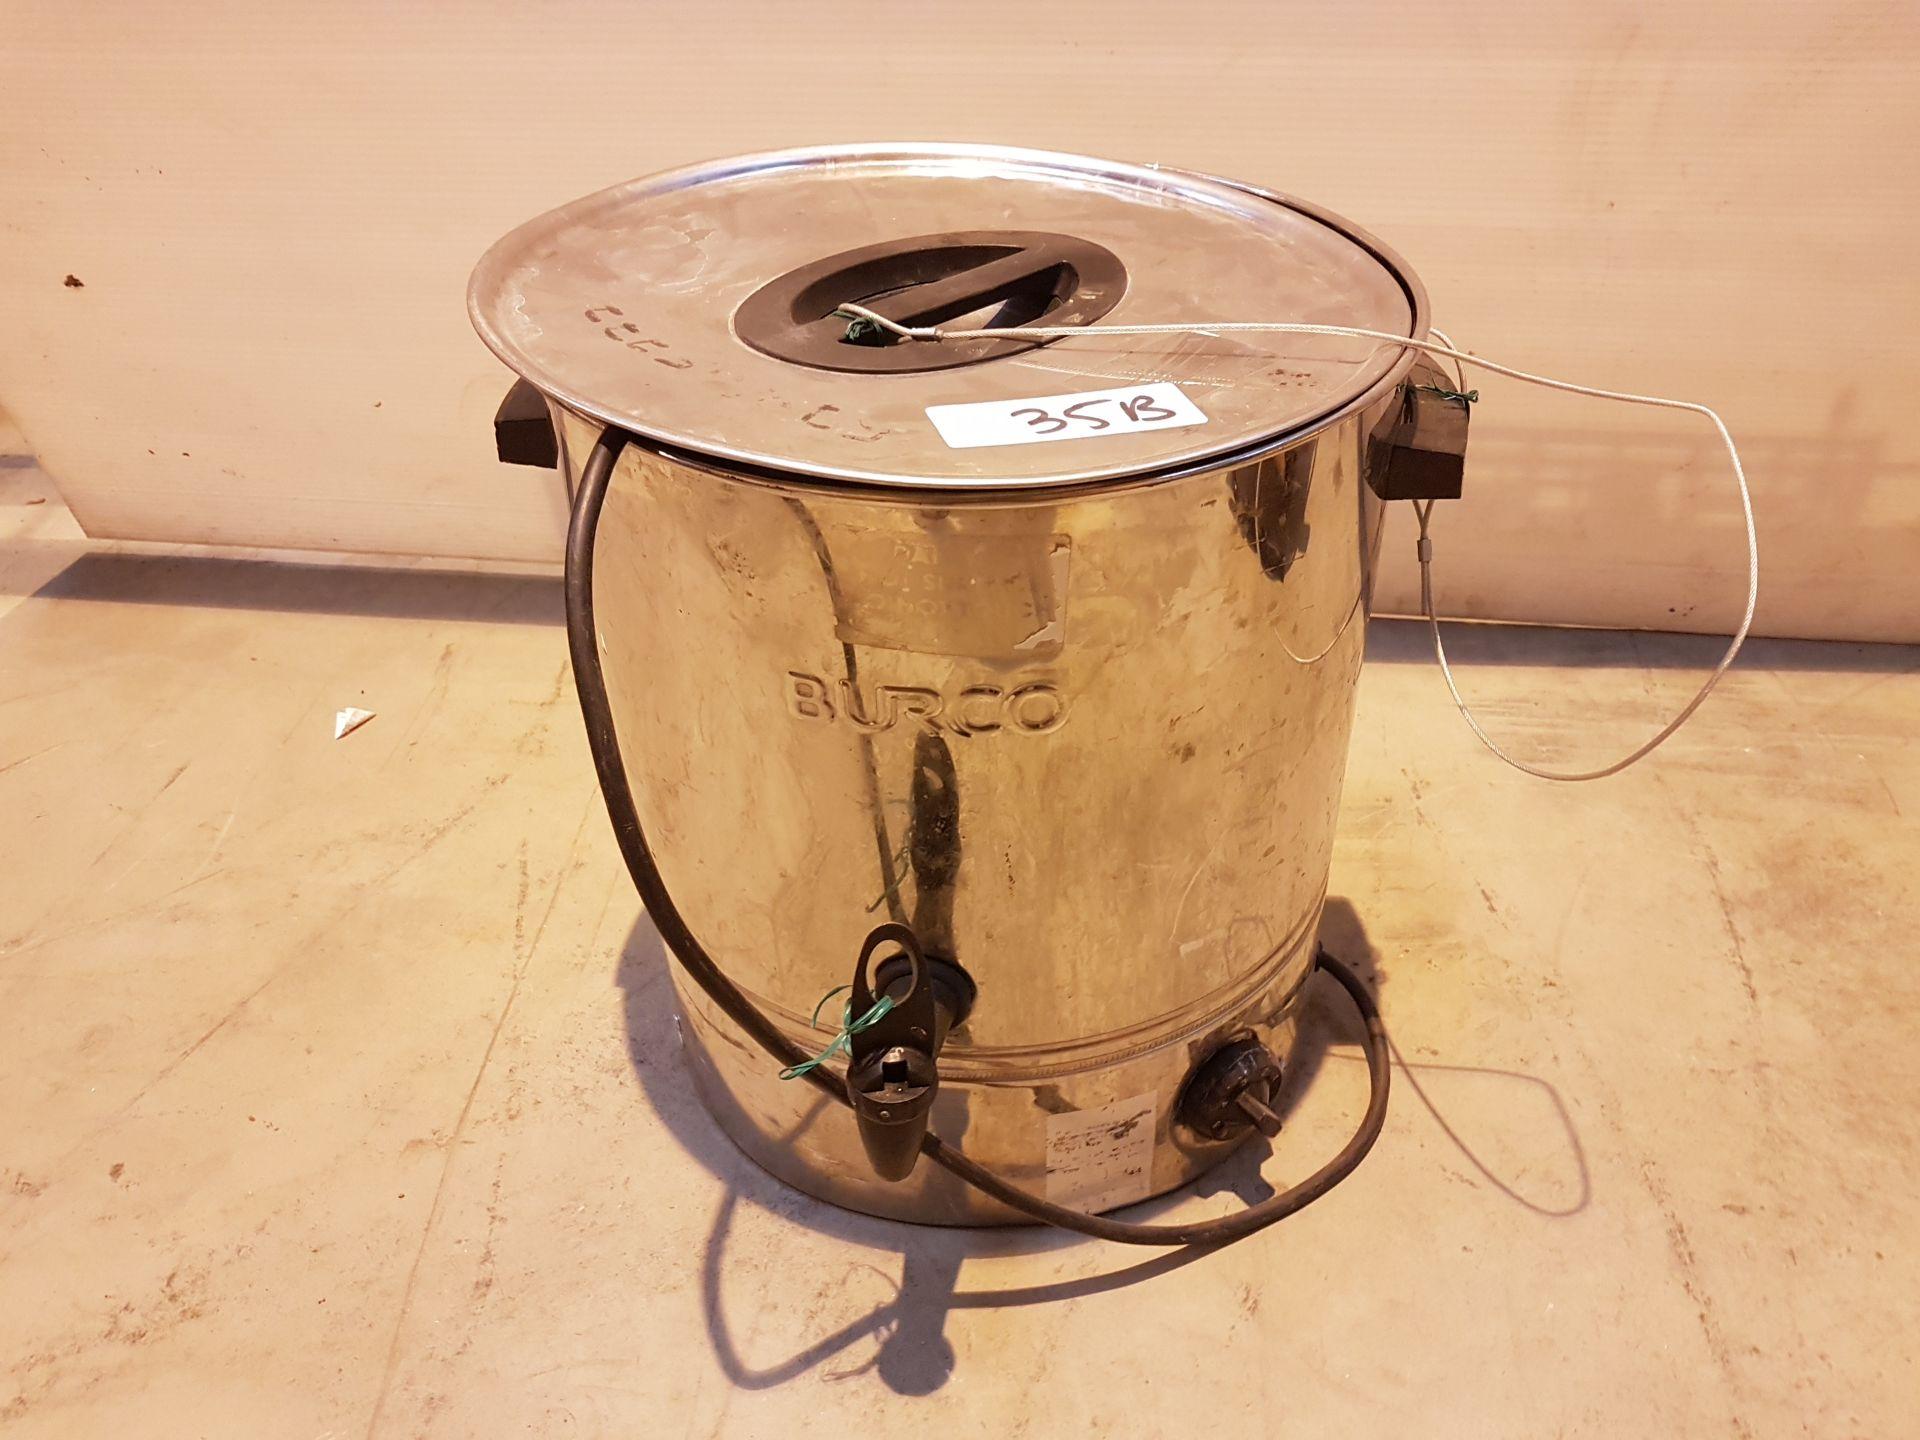 Lot 35 - 20lt Burco Boiler 240v 36975, working